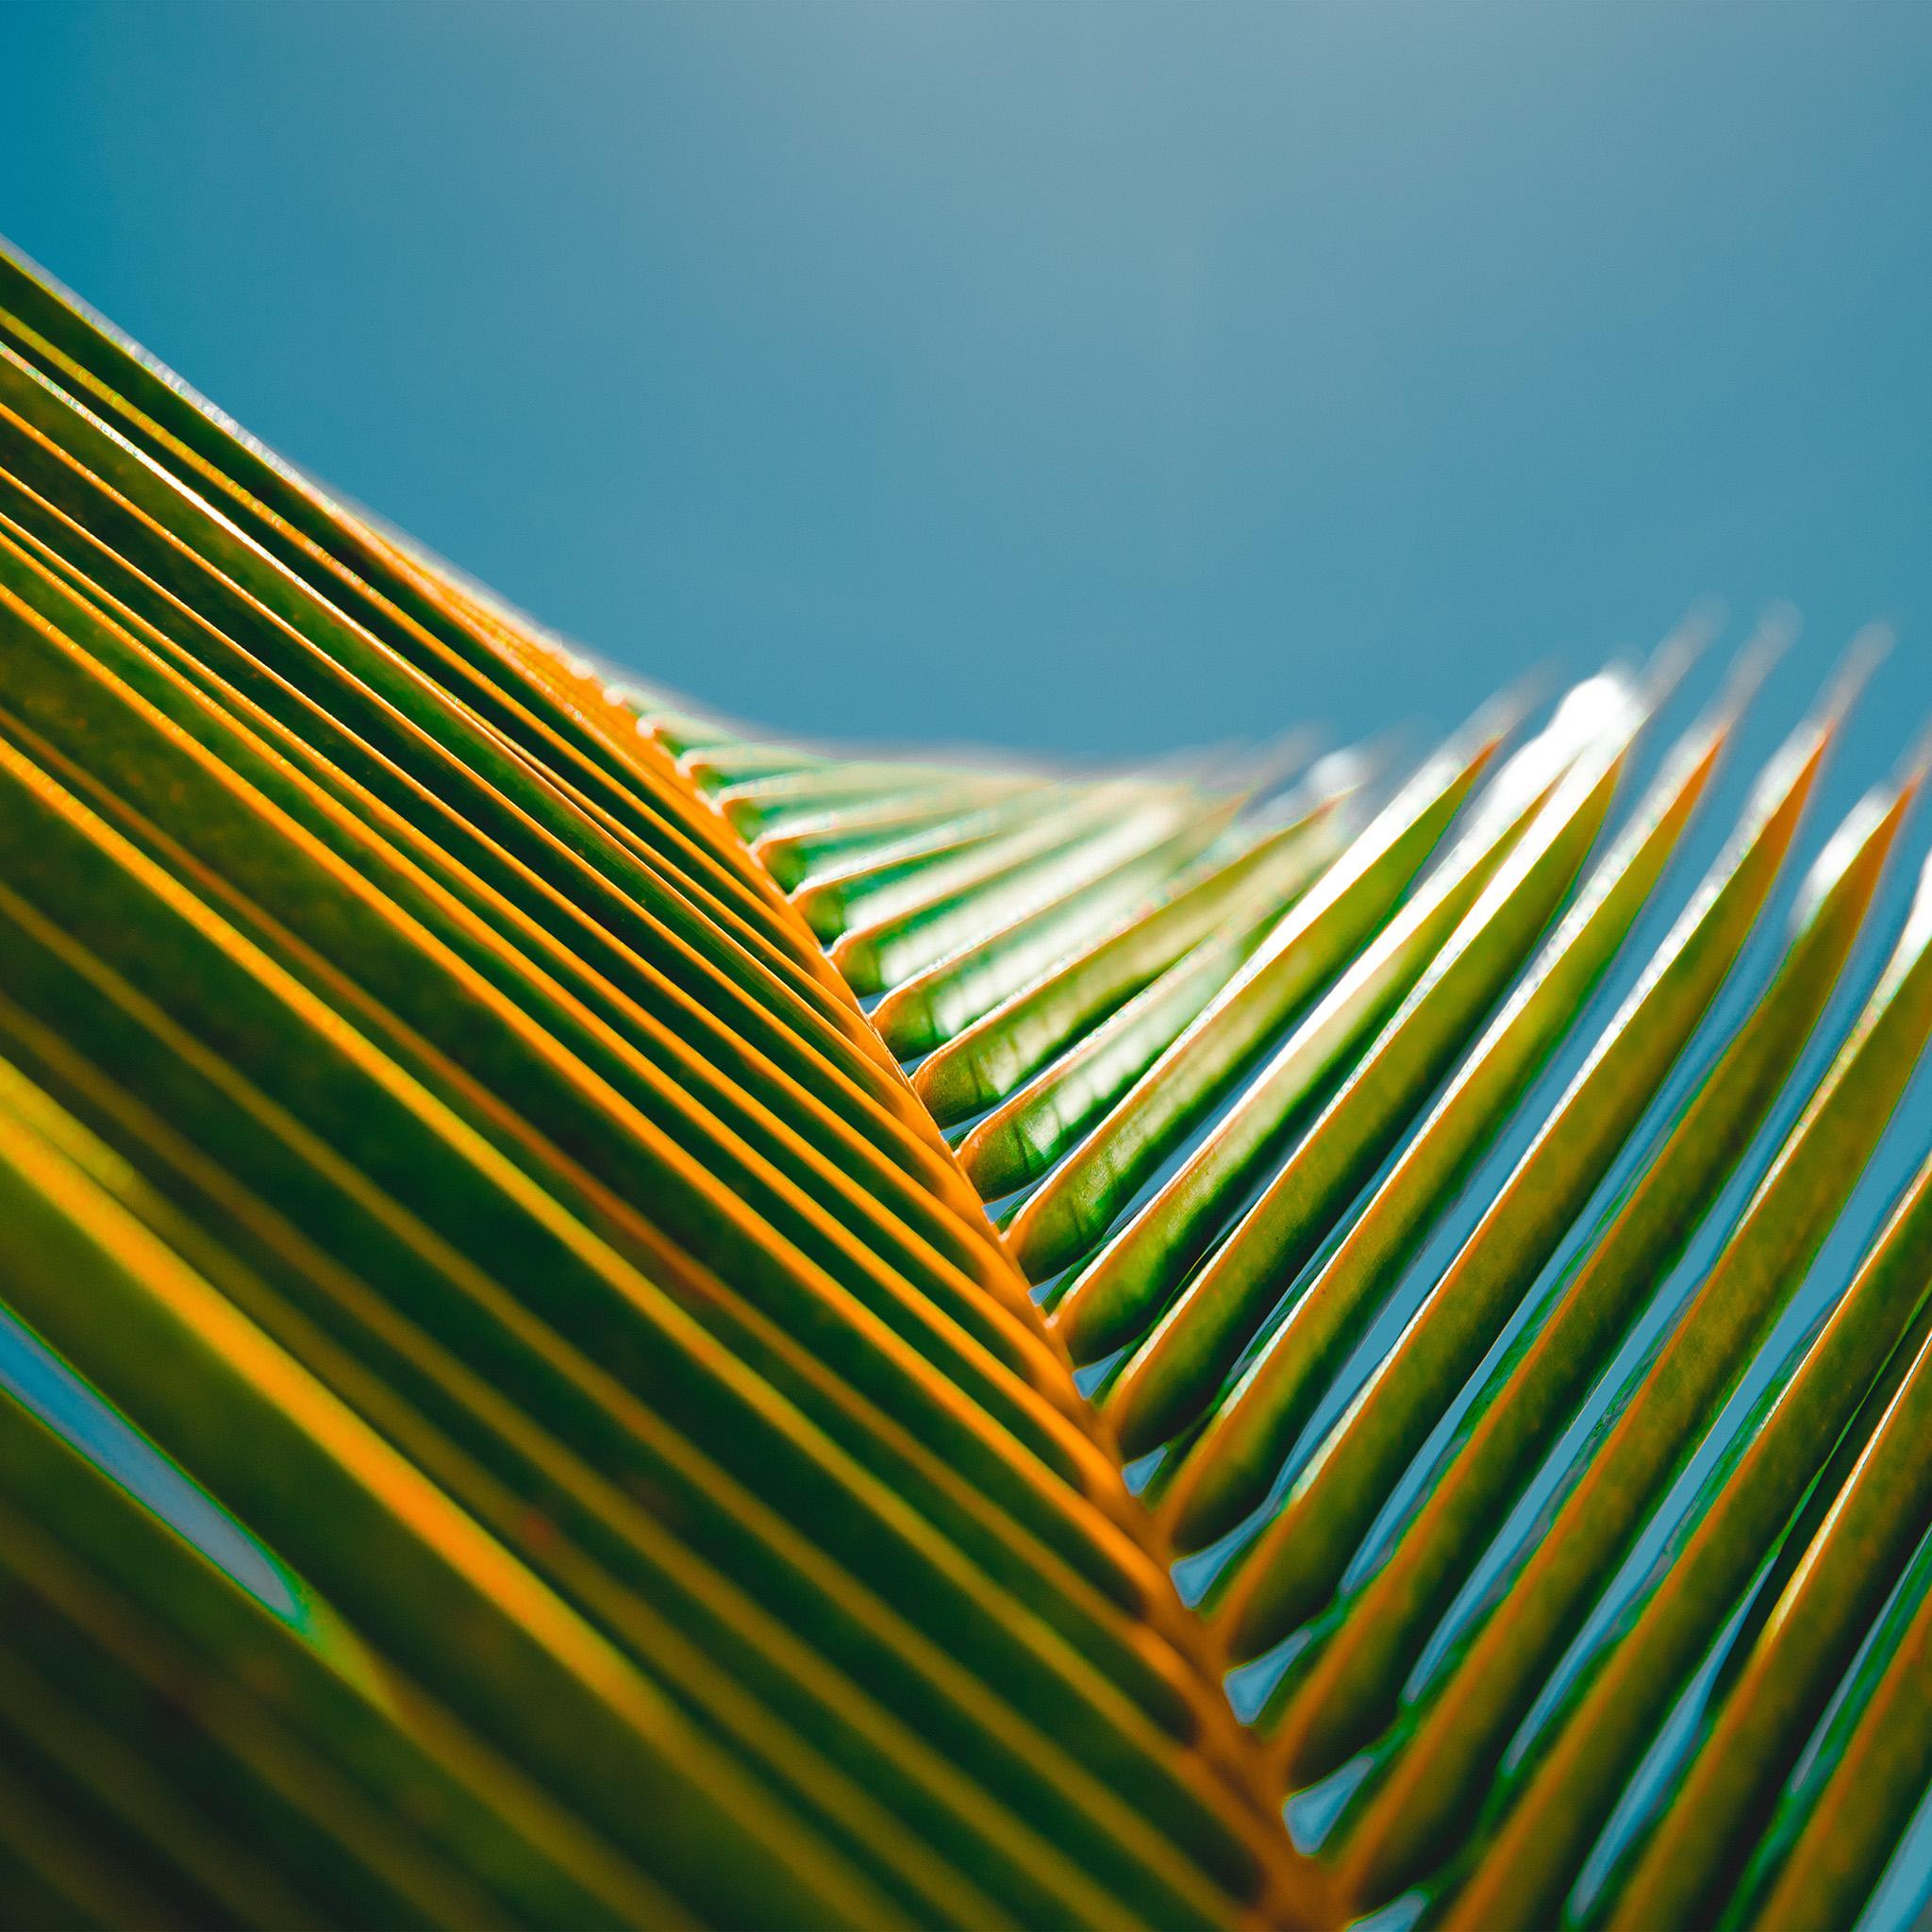 Nu25-leaf-flower-summer-simple-nature-wallpaper